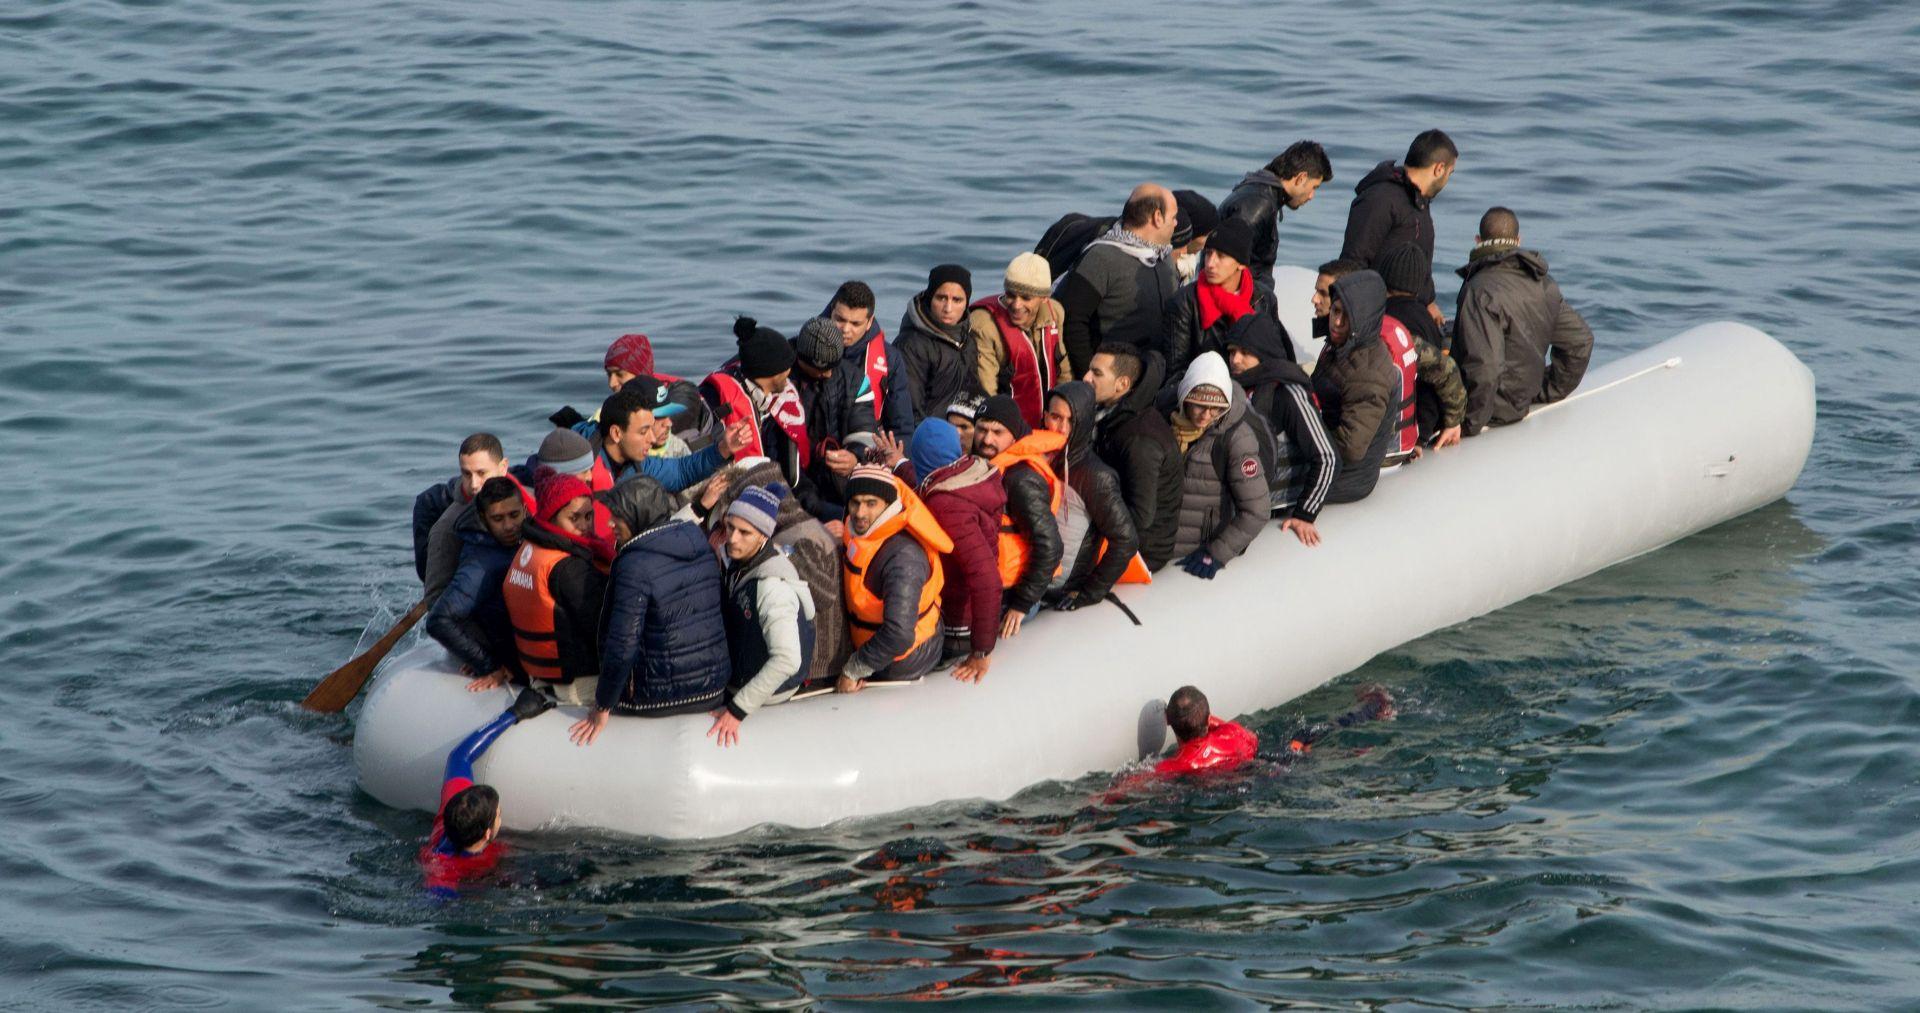 IOM: Više od milijun izbjeglica stiglo u Europu samo ove godine, većina stigla morskim putem